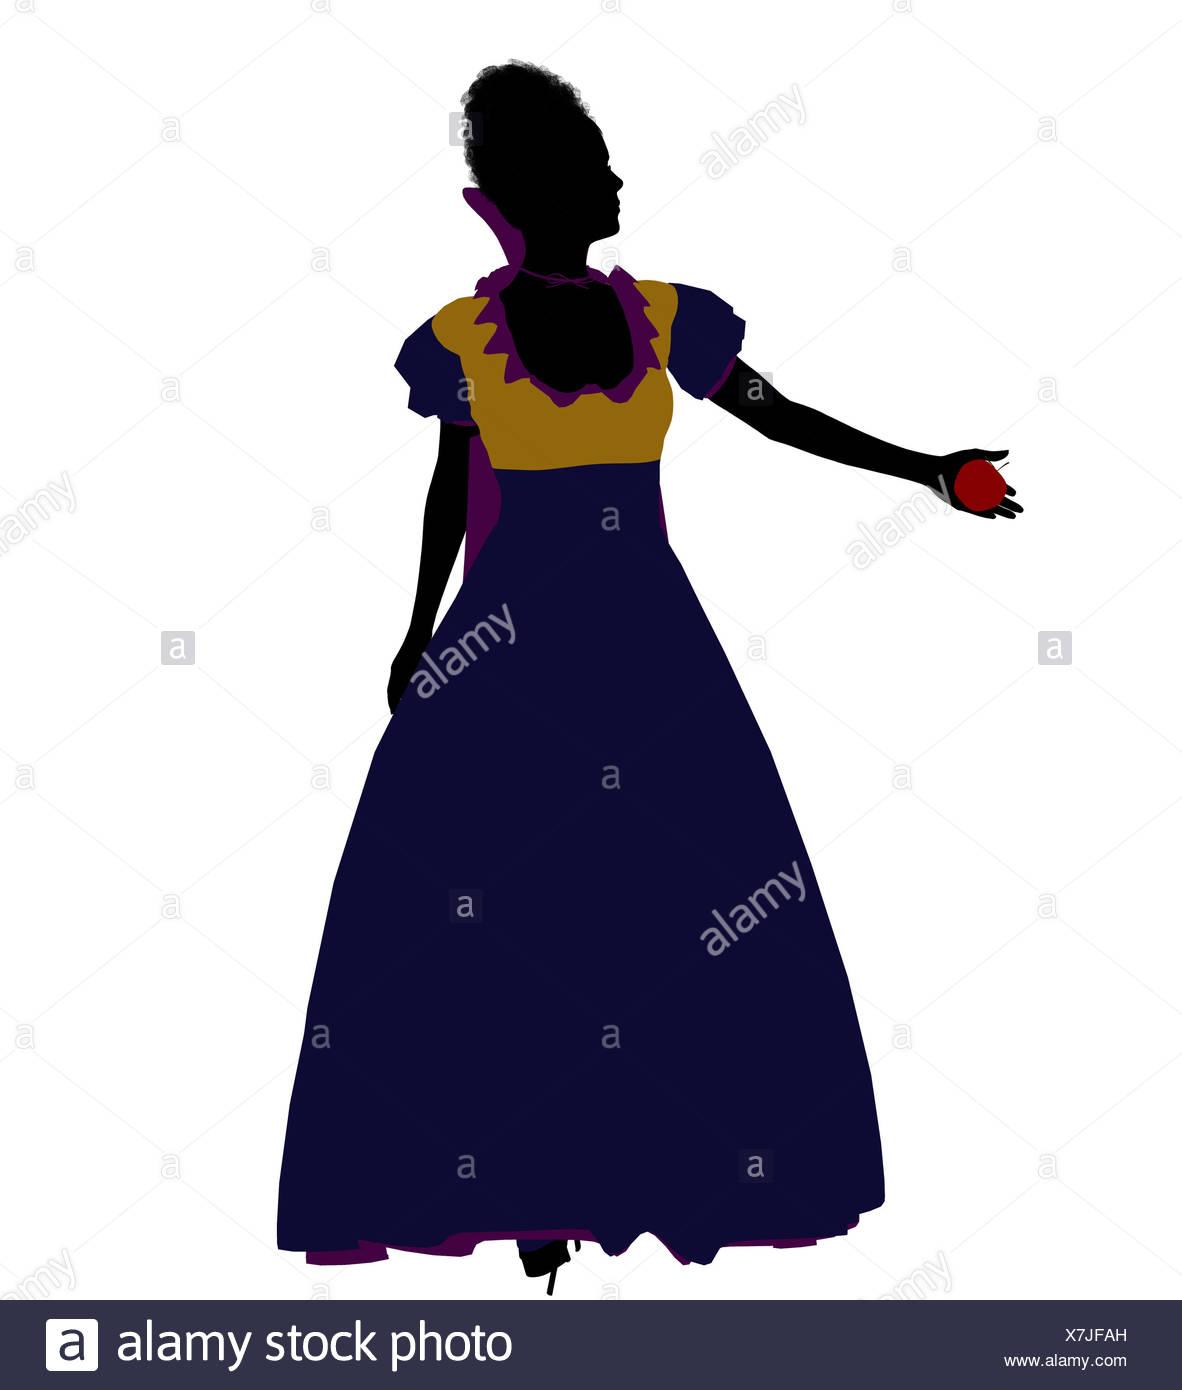 1182x1390 Snow White Silhouette Illustration Stock Photo 280075673